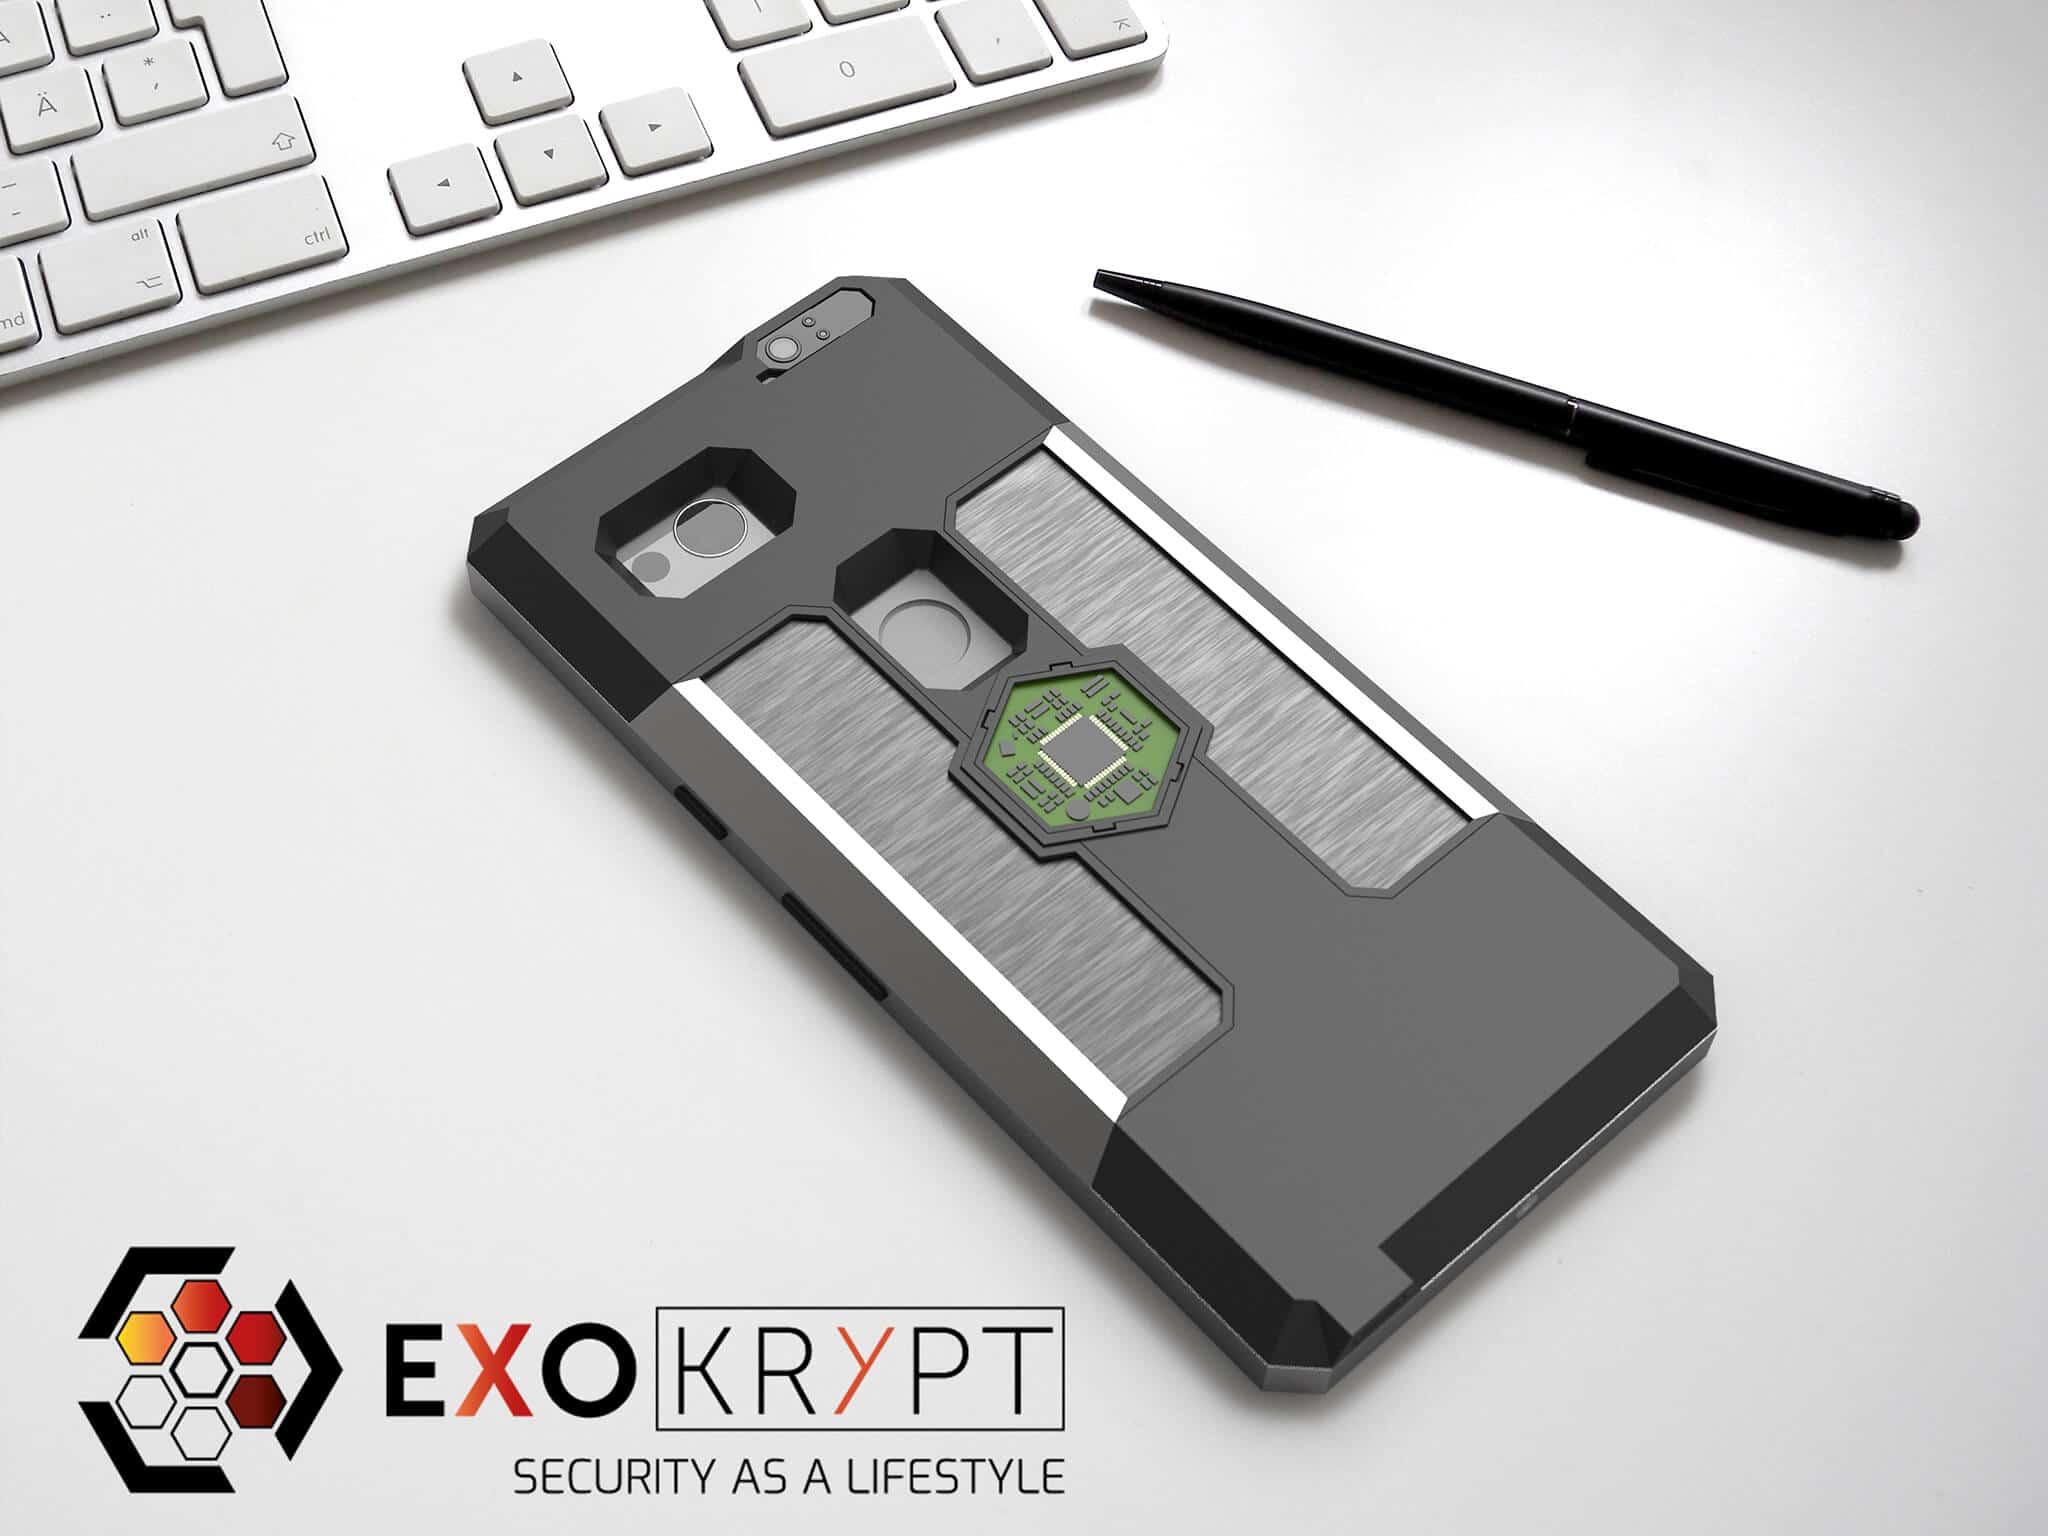 ExoShield BUSINESS Smartphone Case - Brushed Metal Frame - Brushed Alu Inlets auf einem Tisch auf einem Papierblatt liegend mit Kugelschreiber daneben, Mac Tastatur darüber